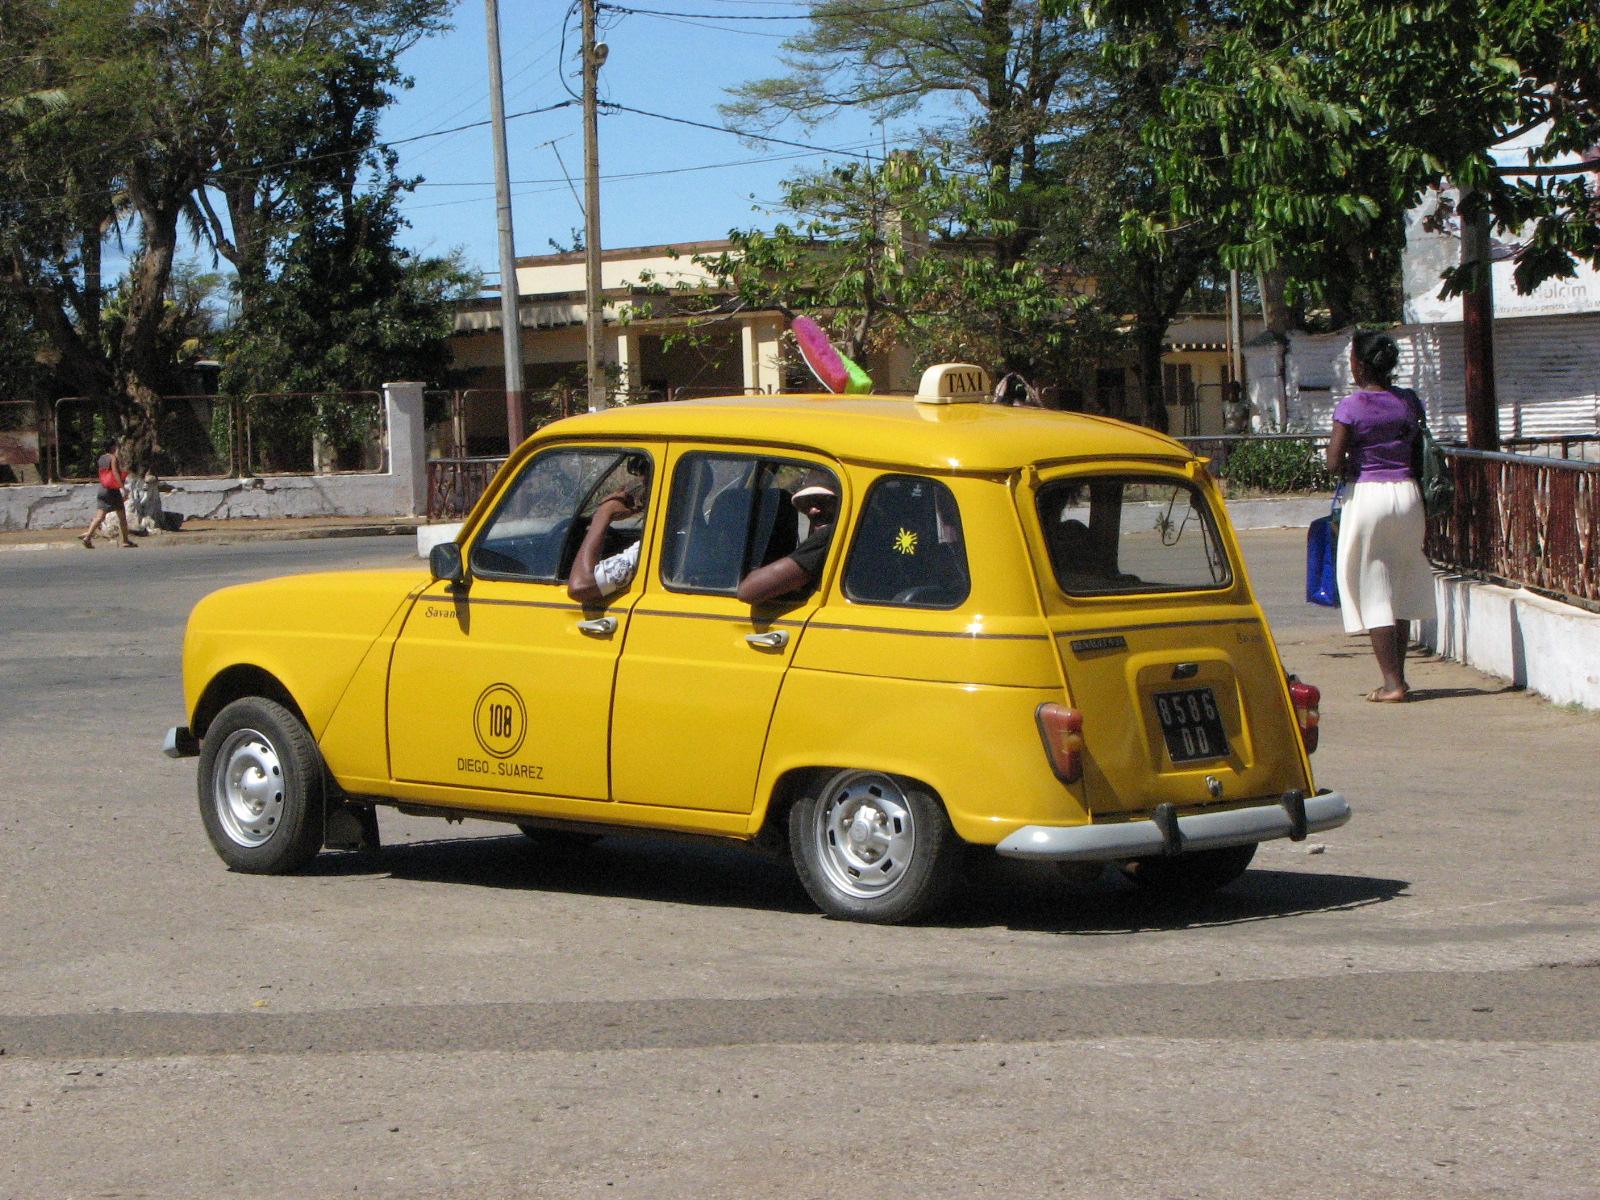 Nosy Bay, taxi local